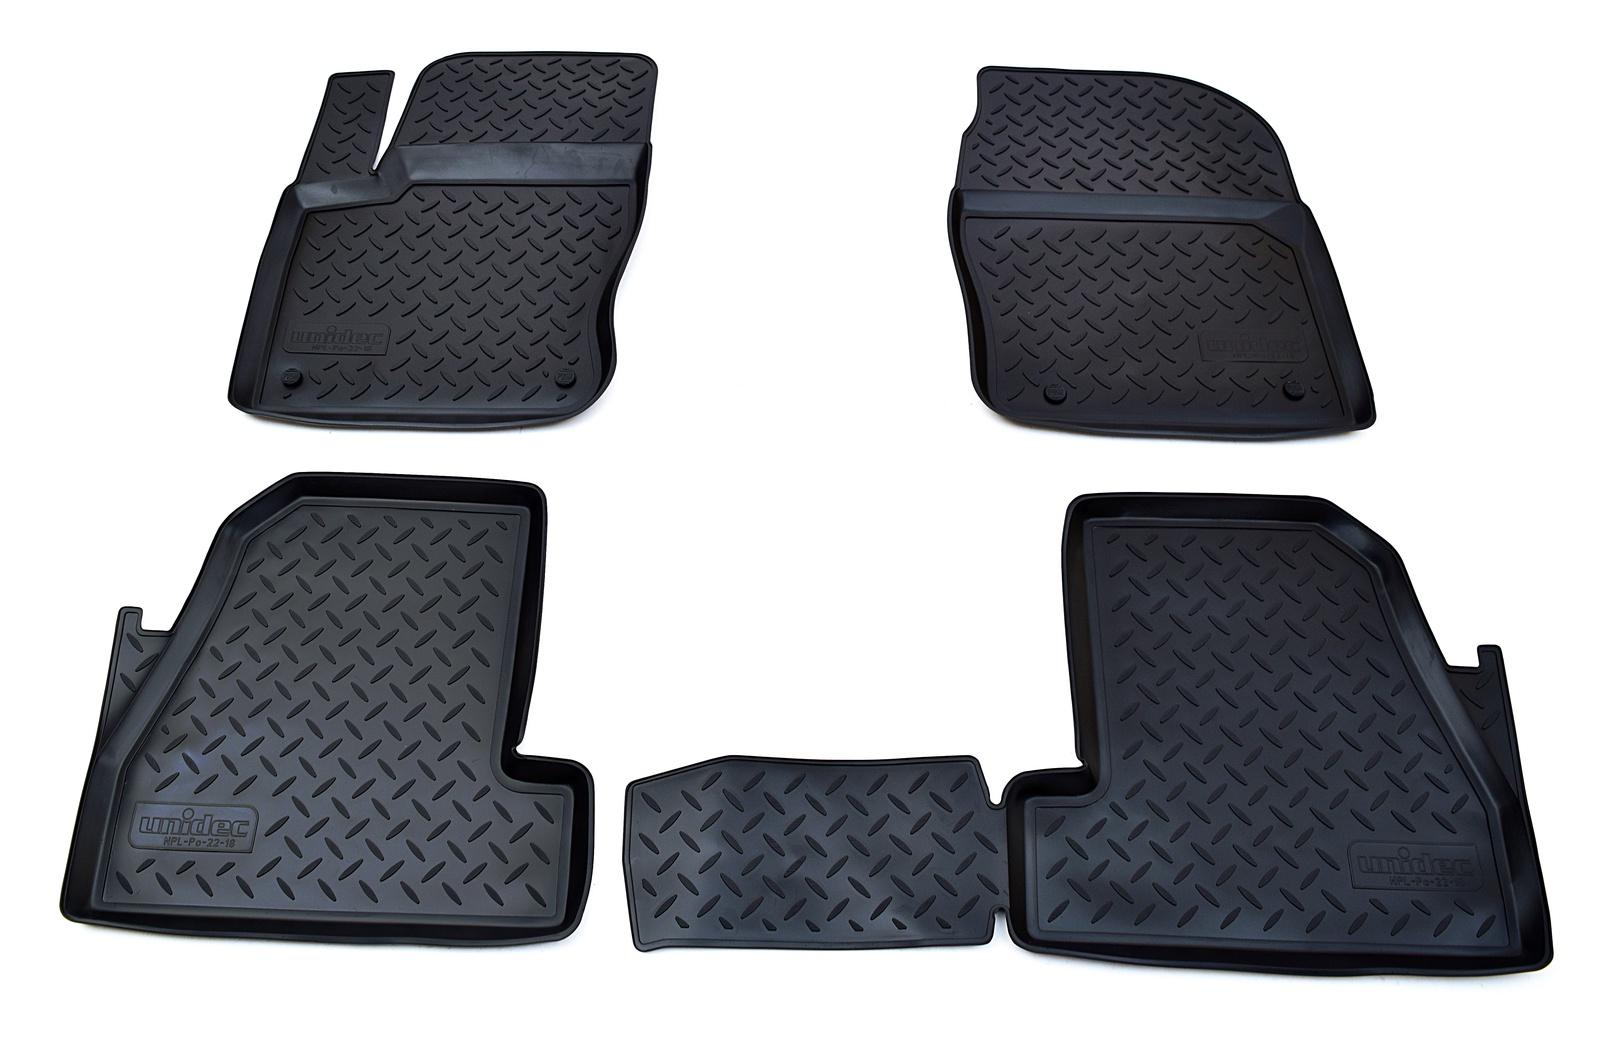 Коврики в салон Norplast для Ford Focus III 2011-2015, NPL-Po-22-18, черный focus super bud 26r 2 0 2014